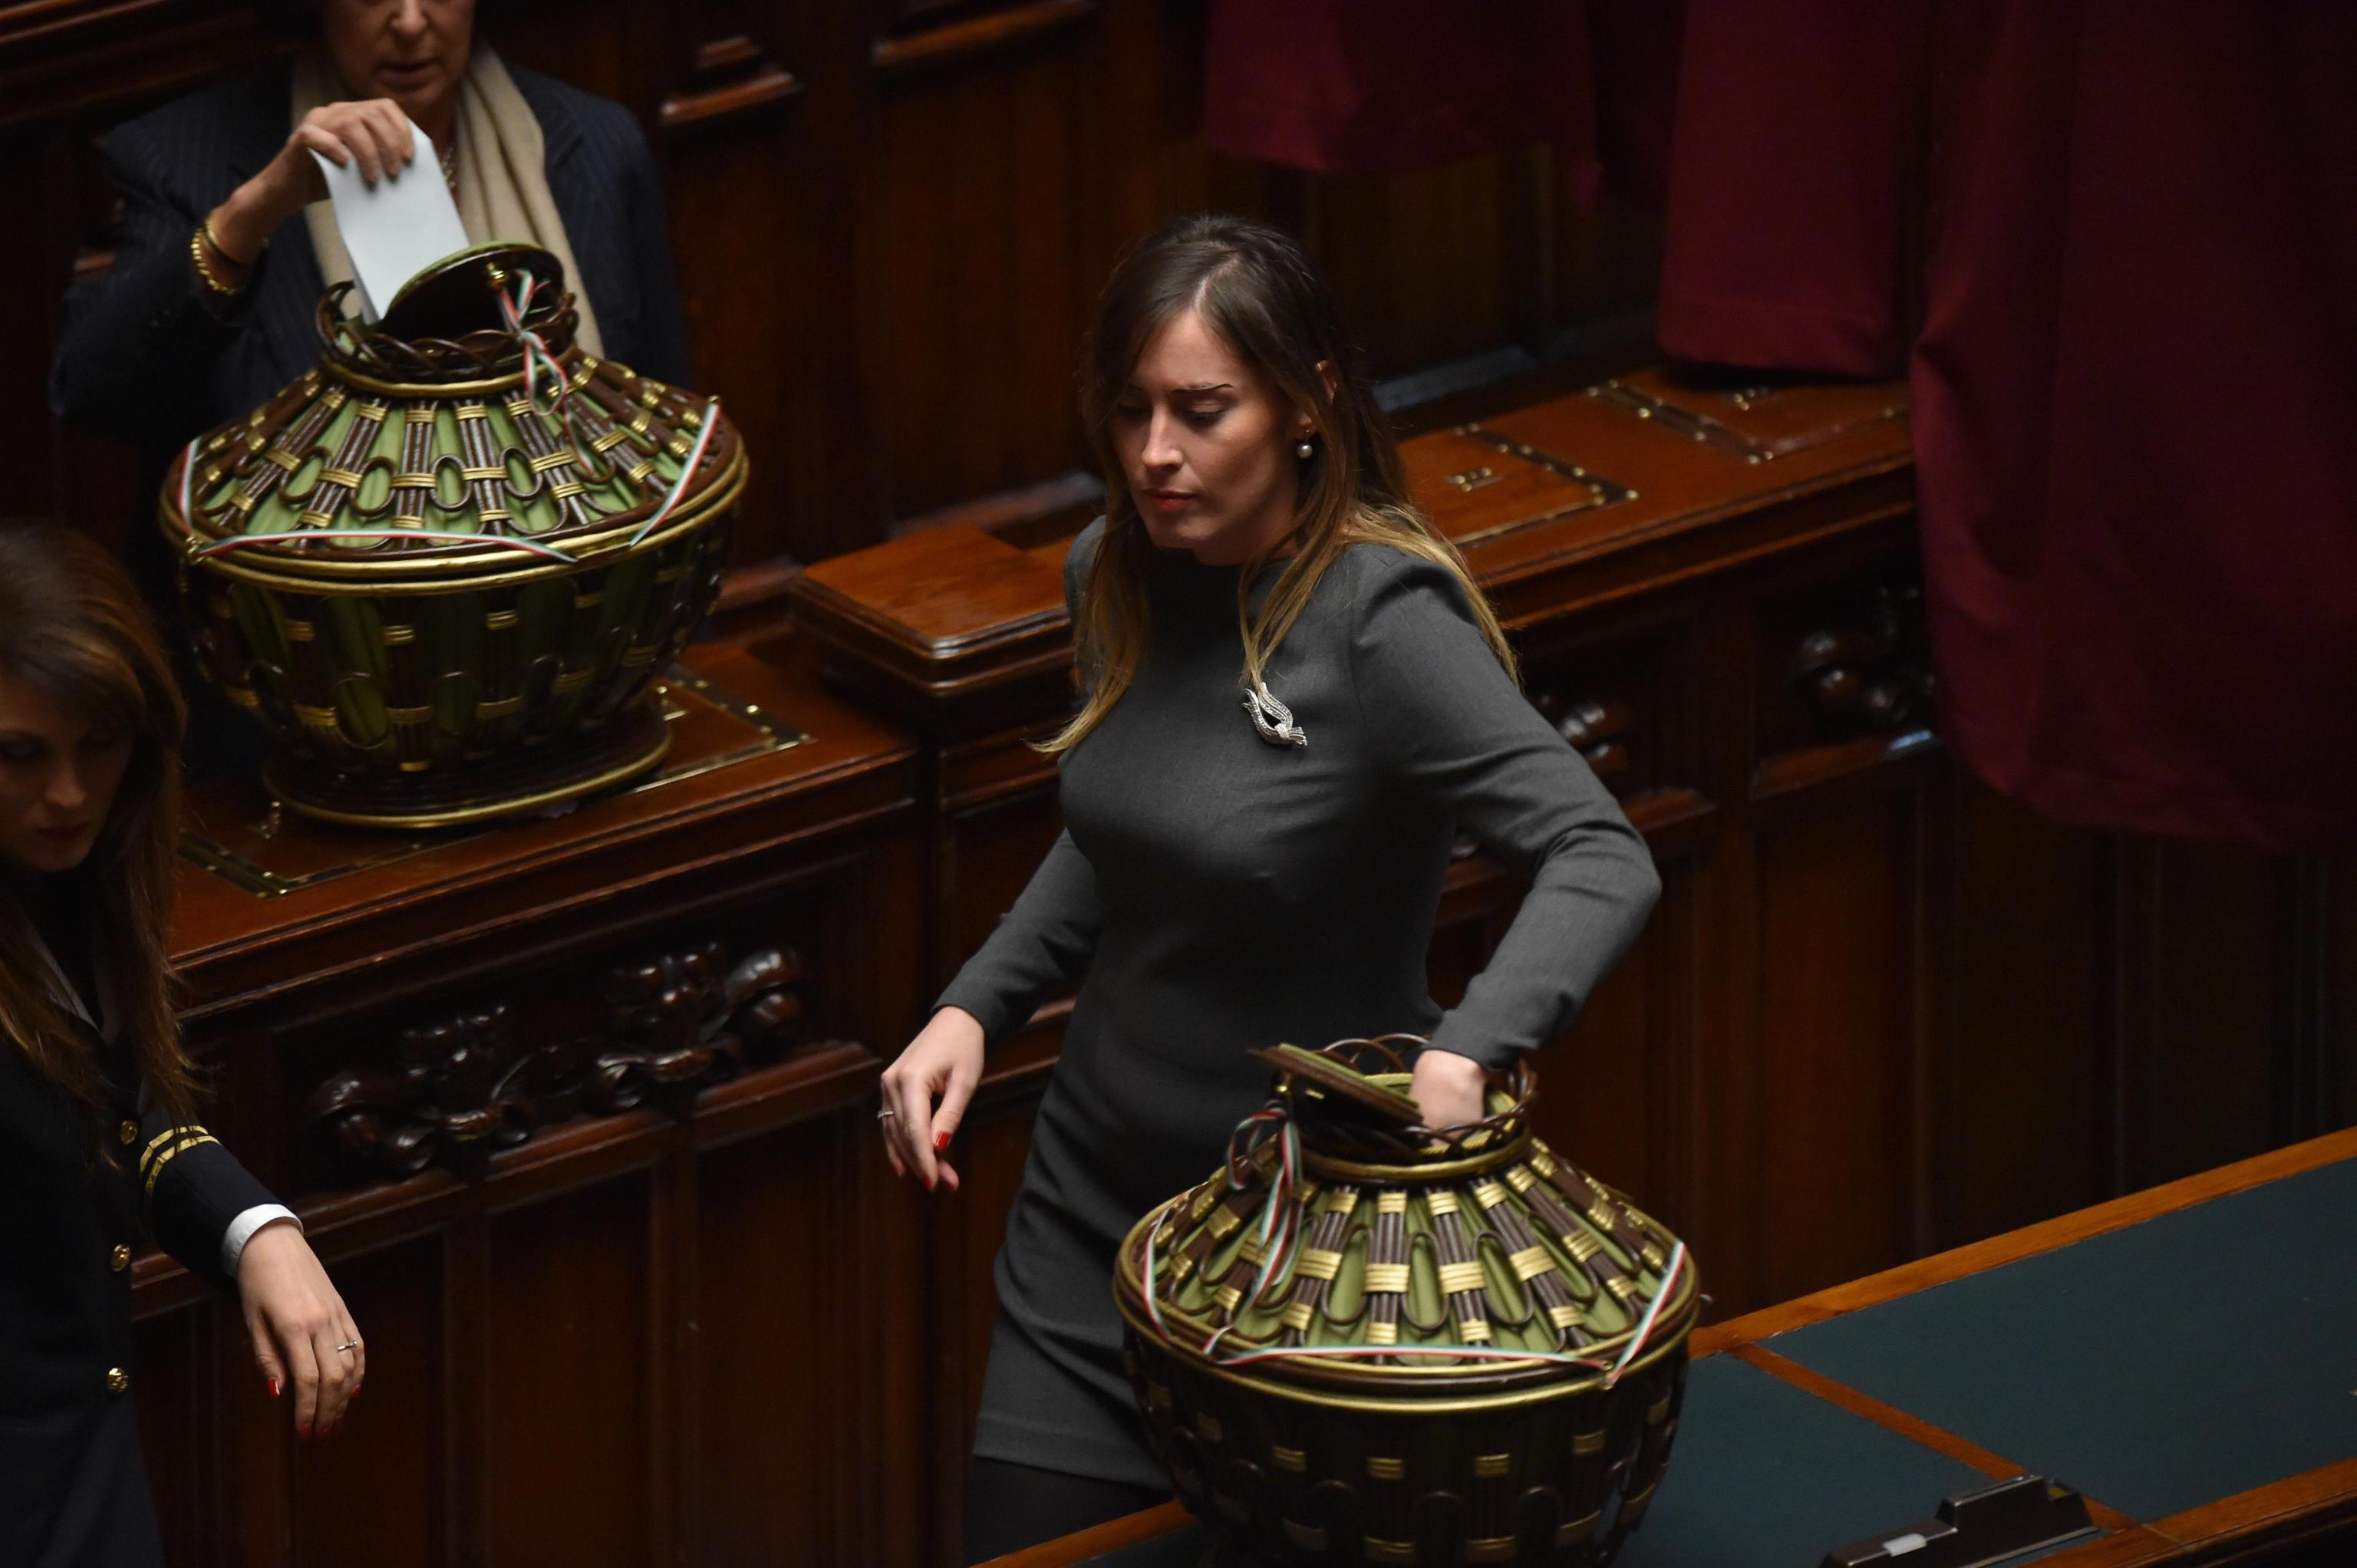 Quirinale al via prima votazione per presidente blitz quotidiano - Finestre pensione 2015 ...